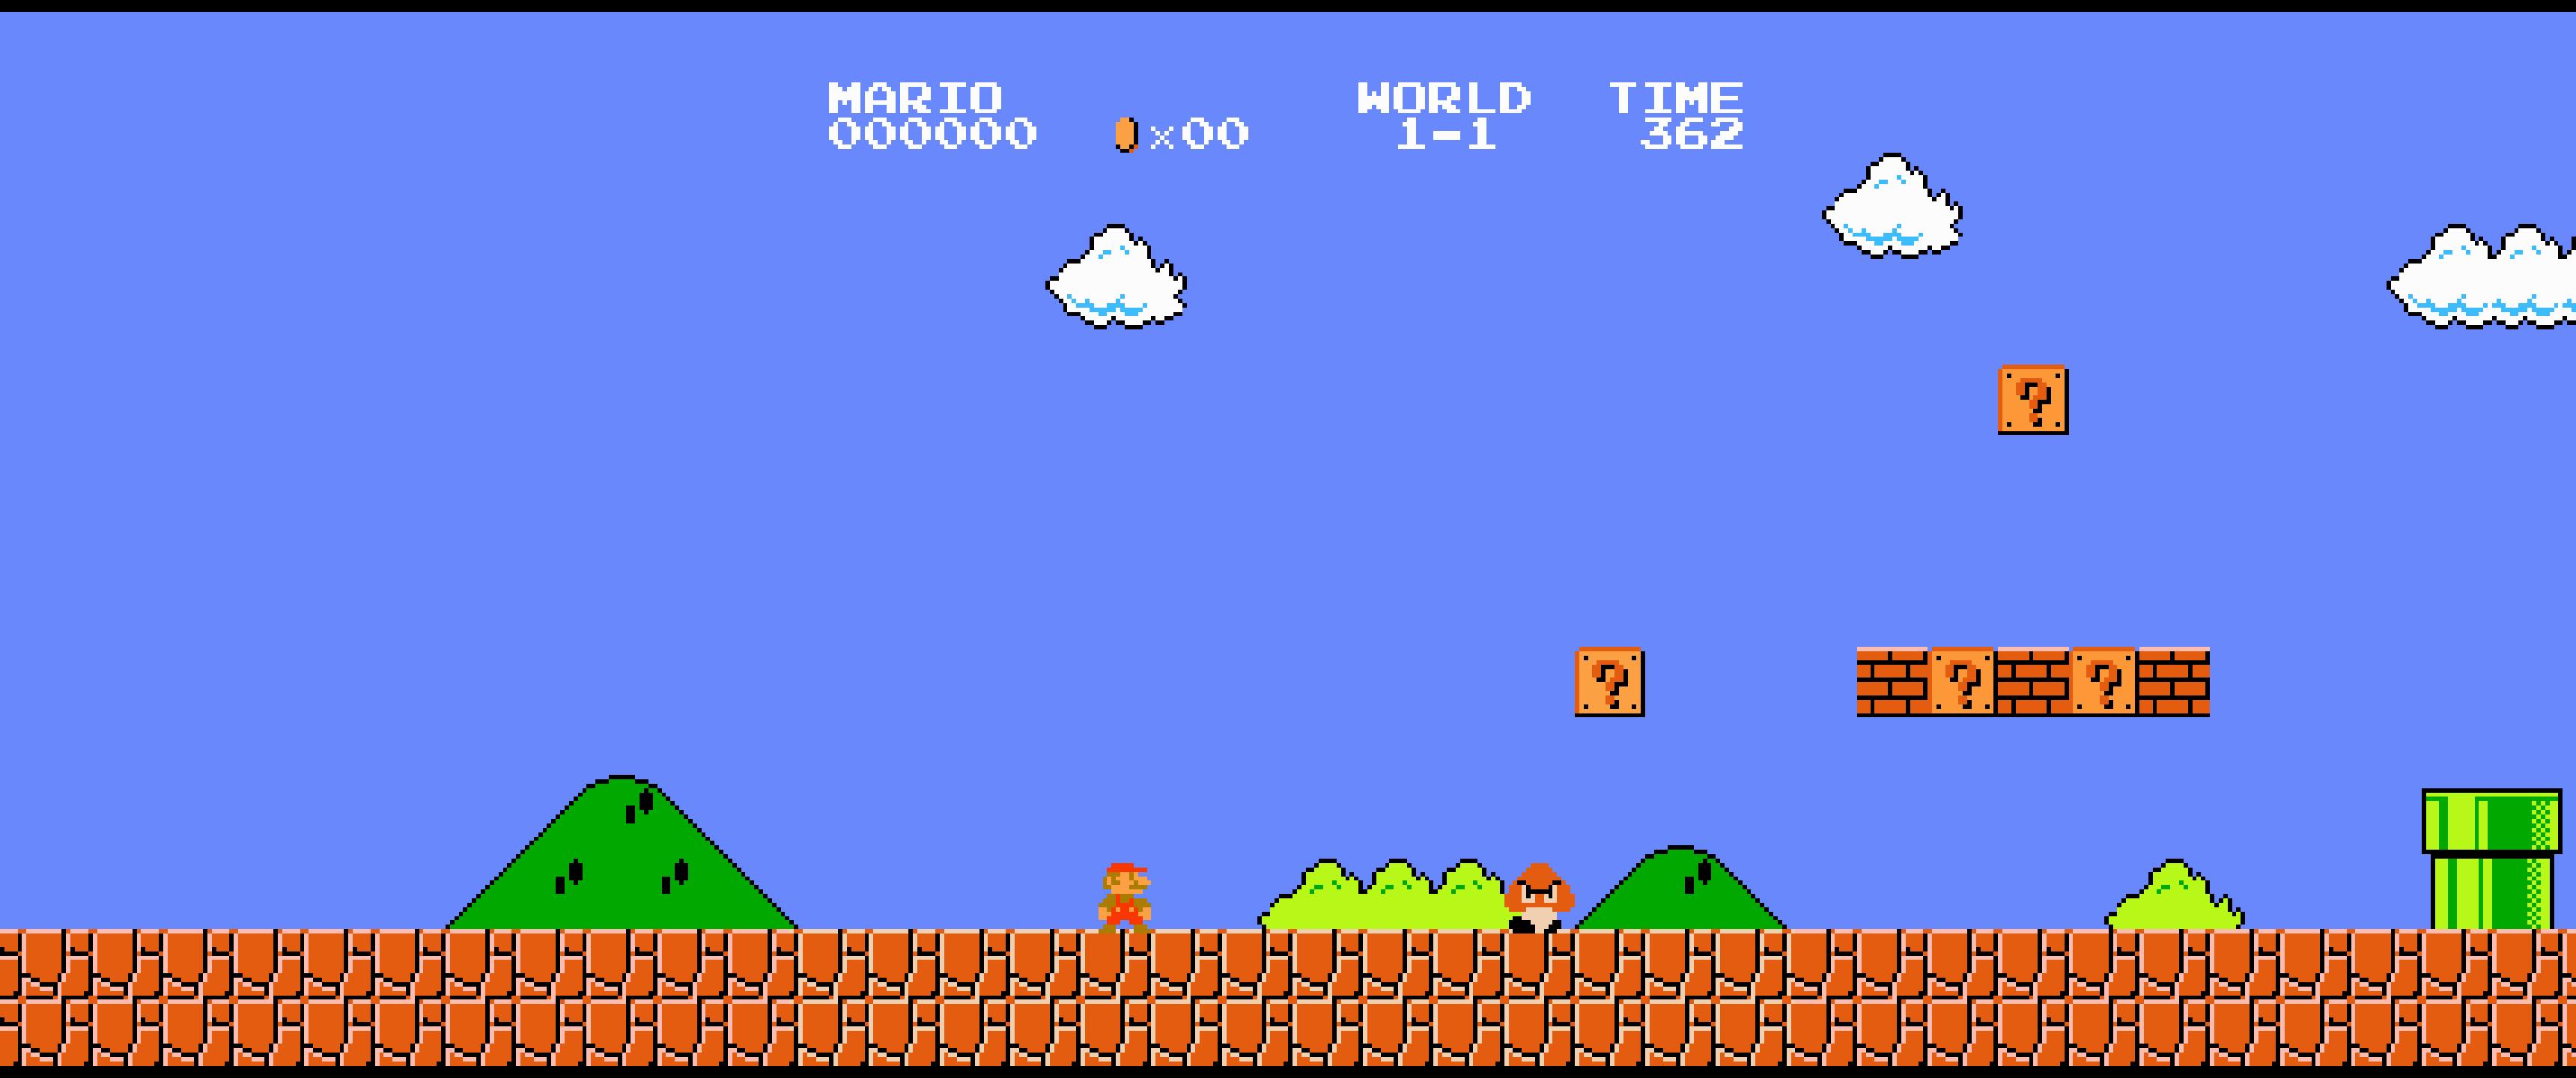 Ultra Widescreen NES Emulator Teased on Reddit